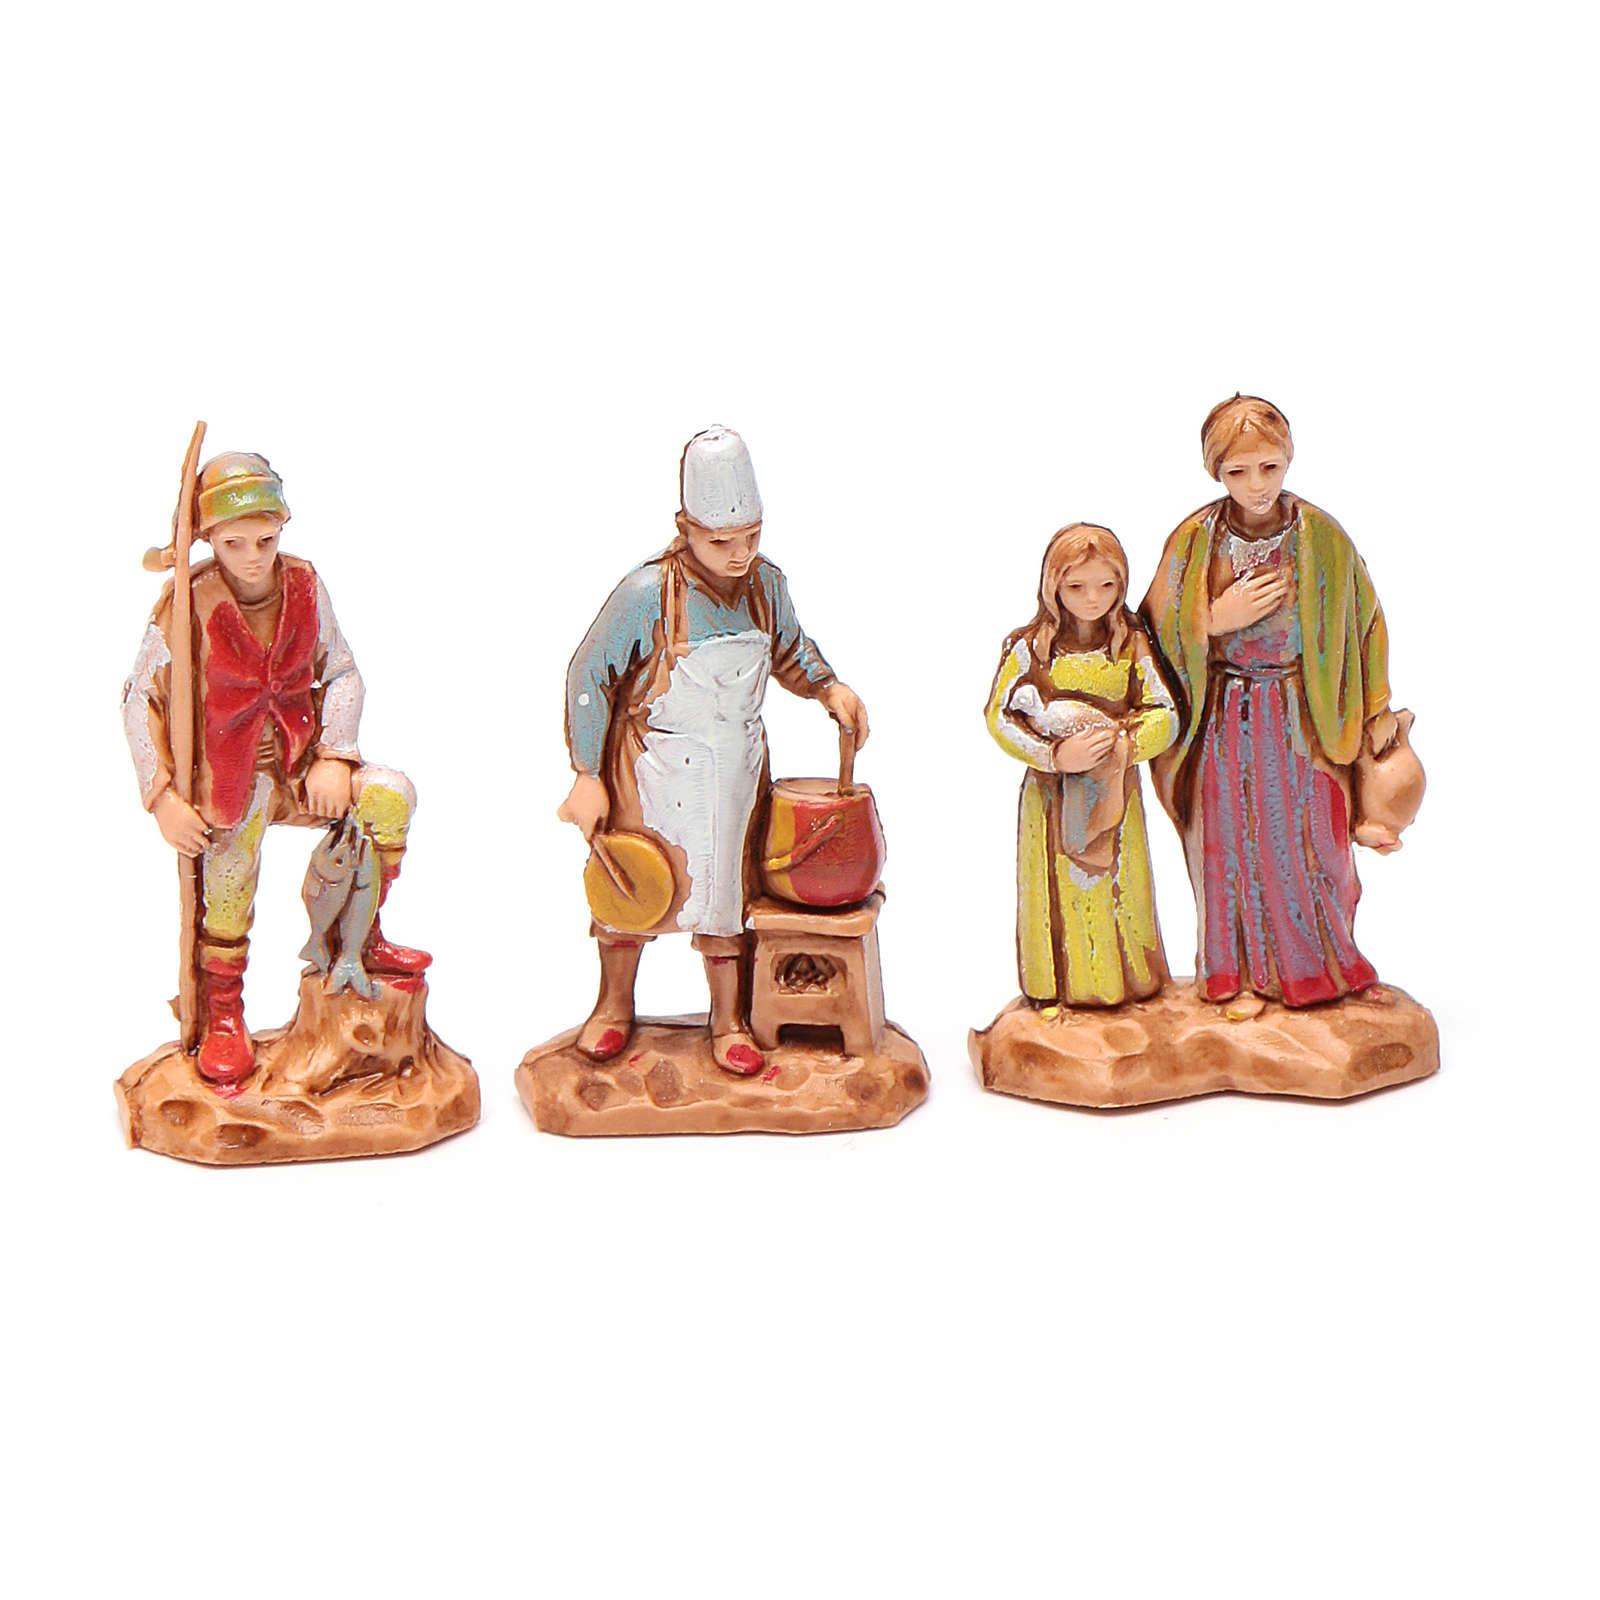 Personnages crèche Moranduzzo 3,5cm, lot de 6 santons 4